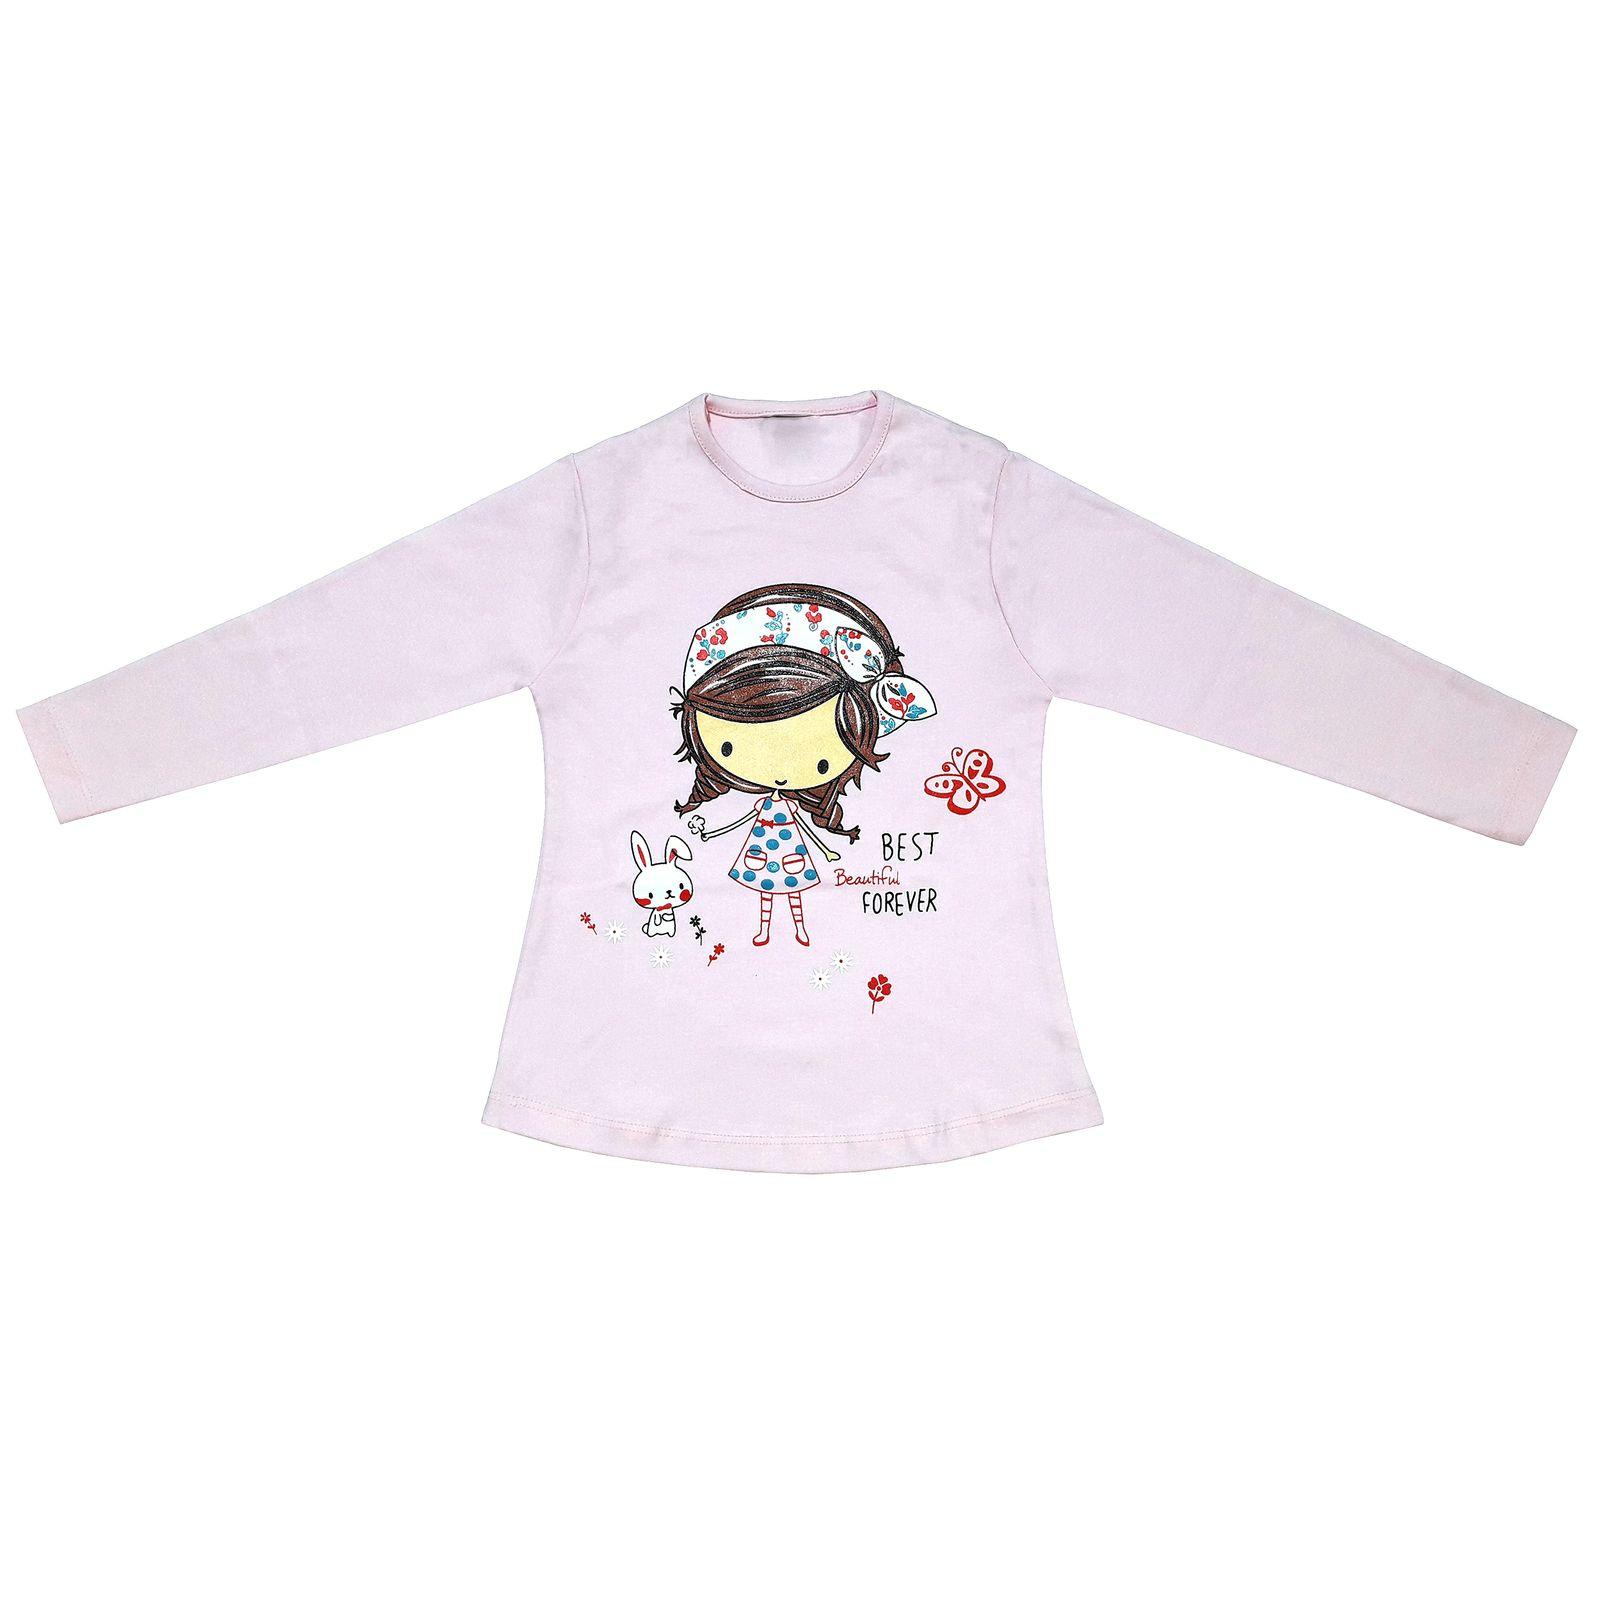 ست تی شرت و شلوار دخترانه طرح دختر و خرگوش کد 3075 رنگ صورتی -  - 4